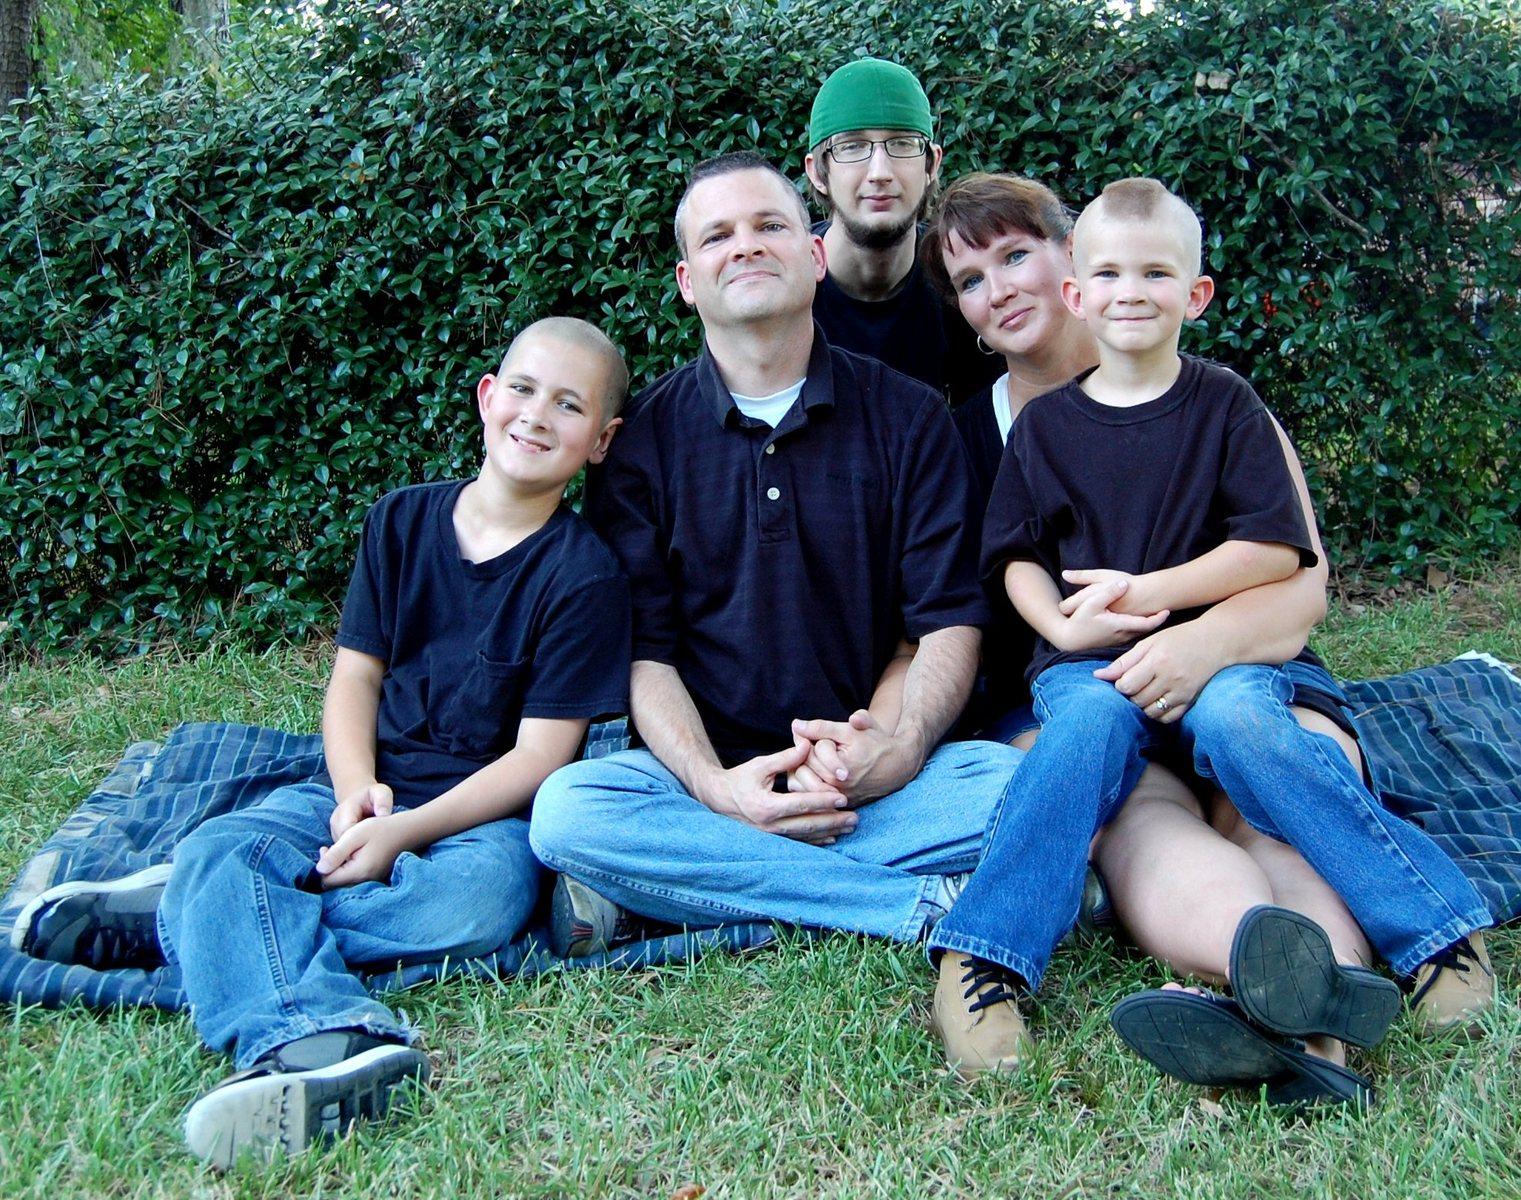 Rodina (rodiče a tři děti v modrém na zelené trávě)